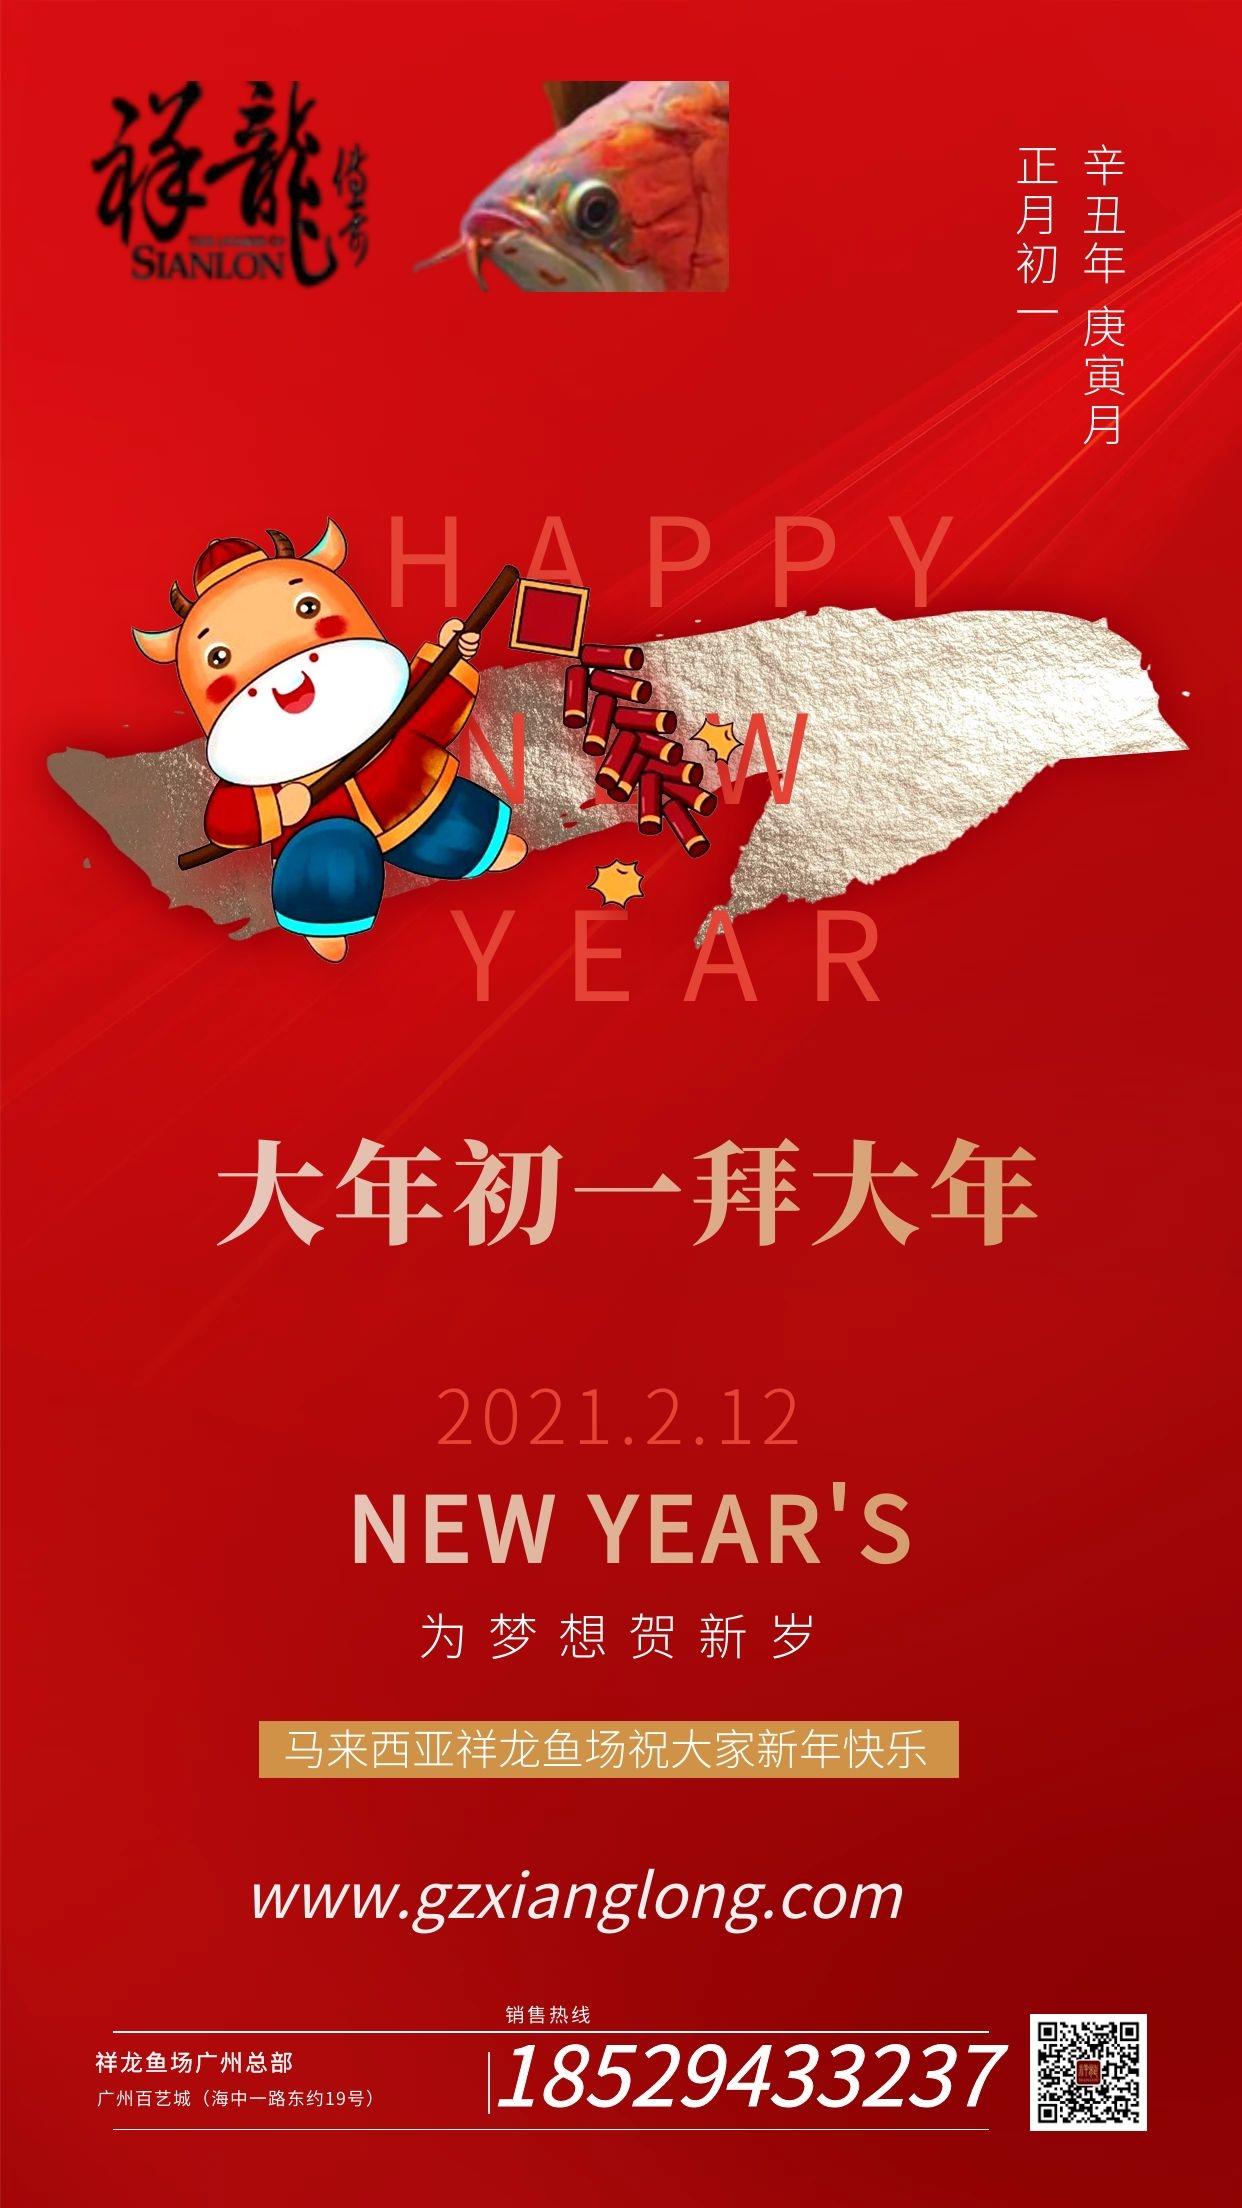 北京祥龙水族馆恭贺本市鱼友新春快乐祝福2021 北京水族馆信息 北京龙鱼第4张